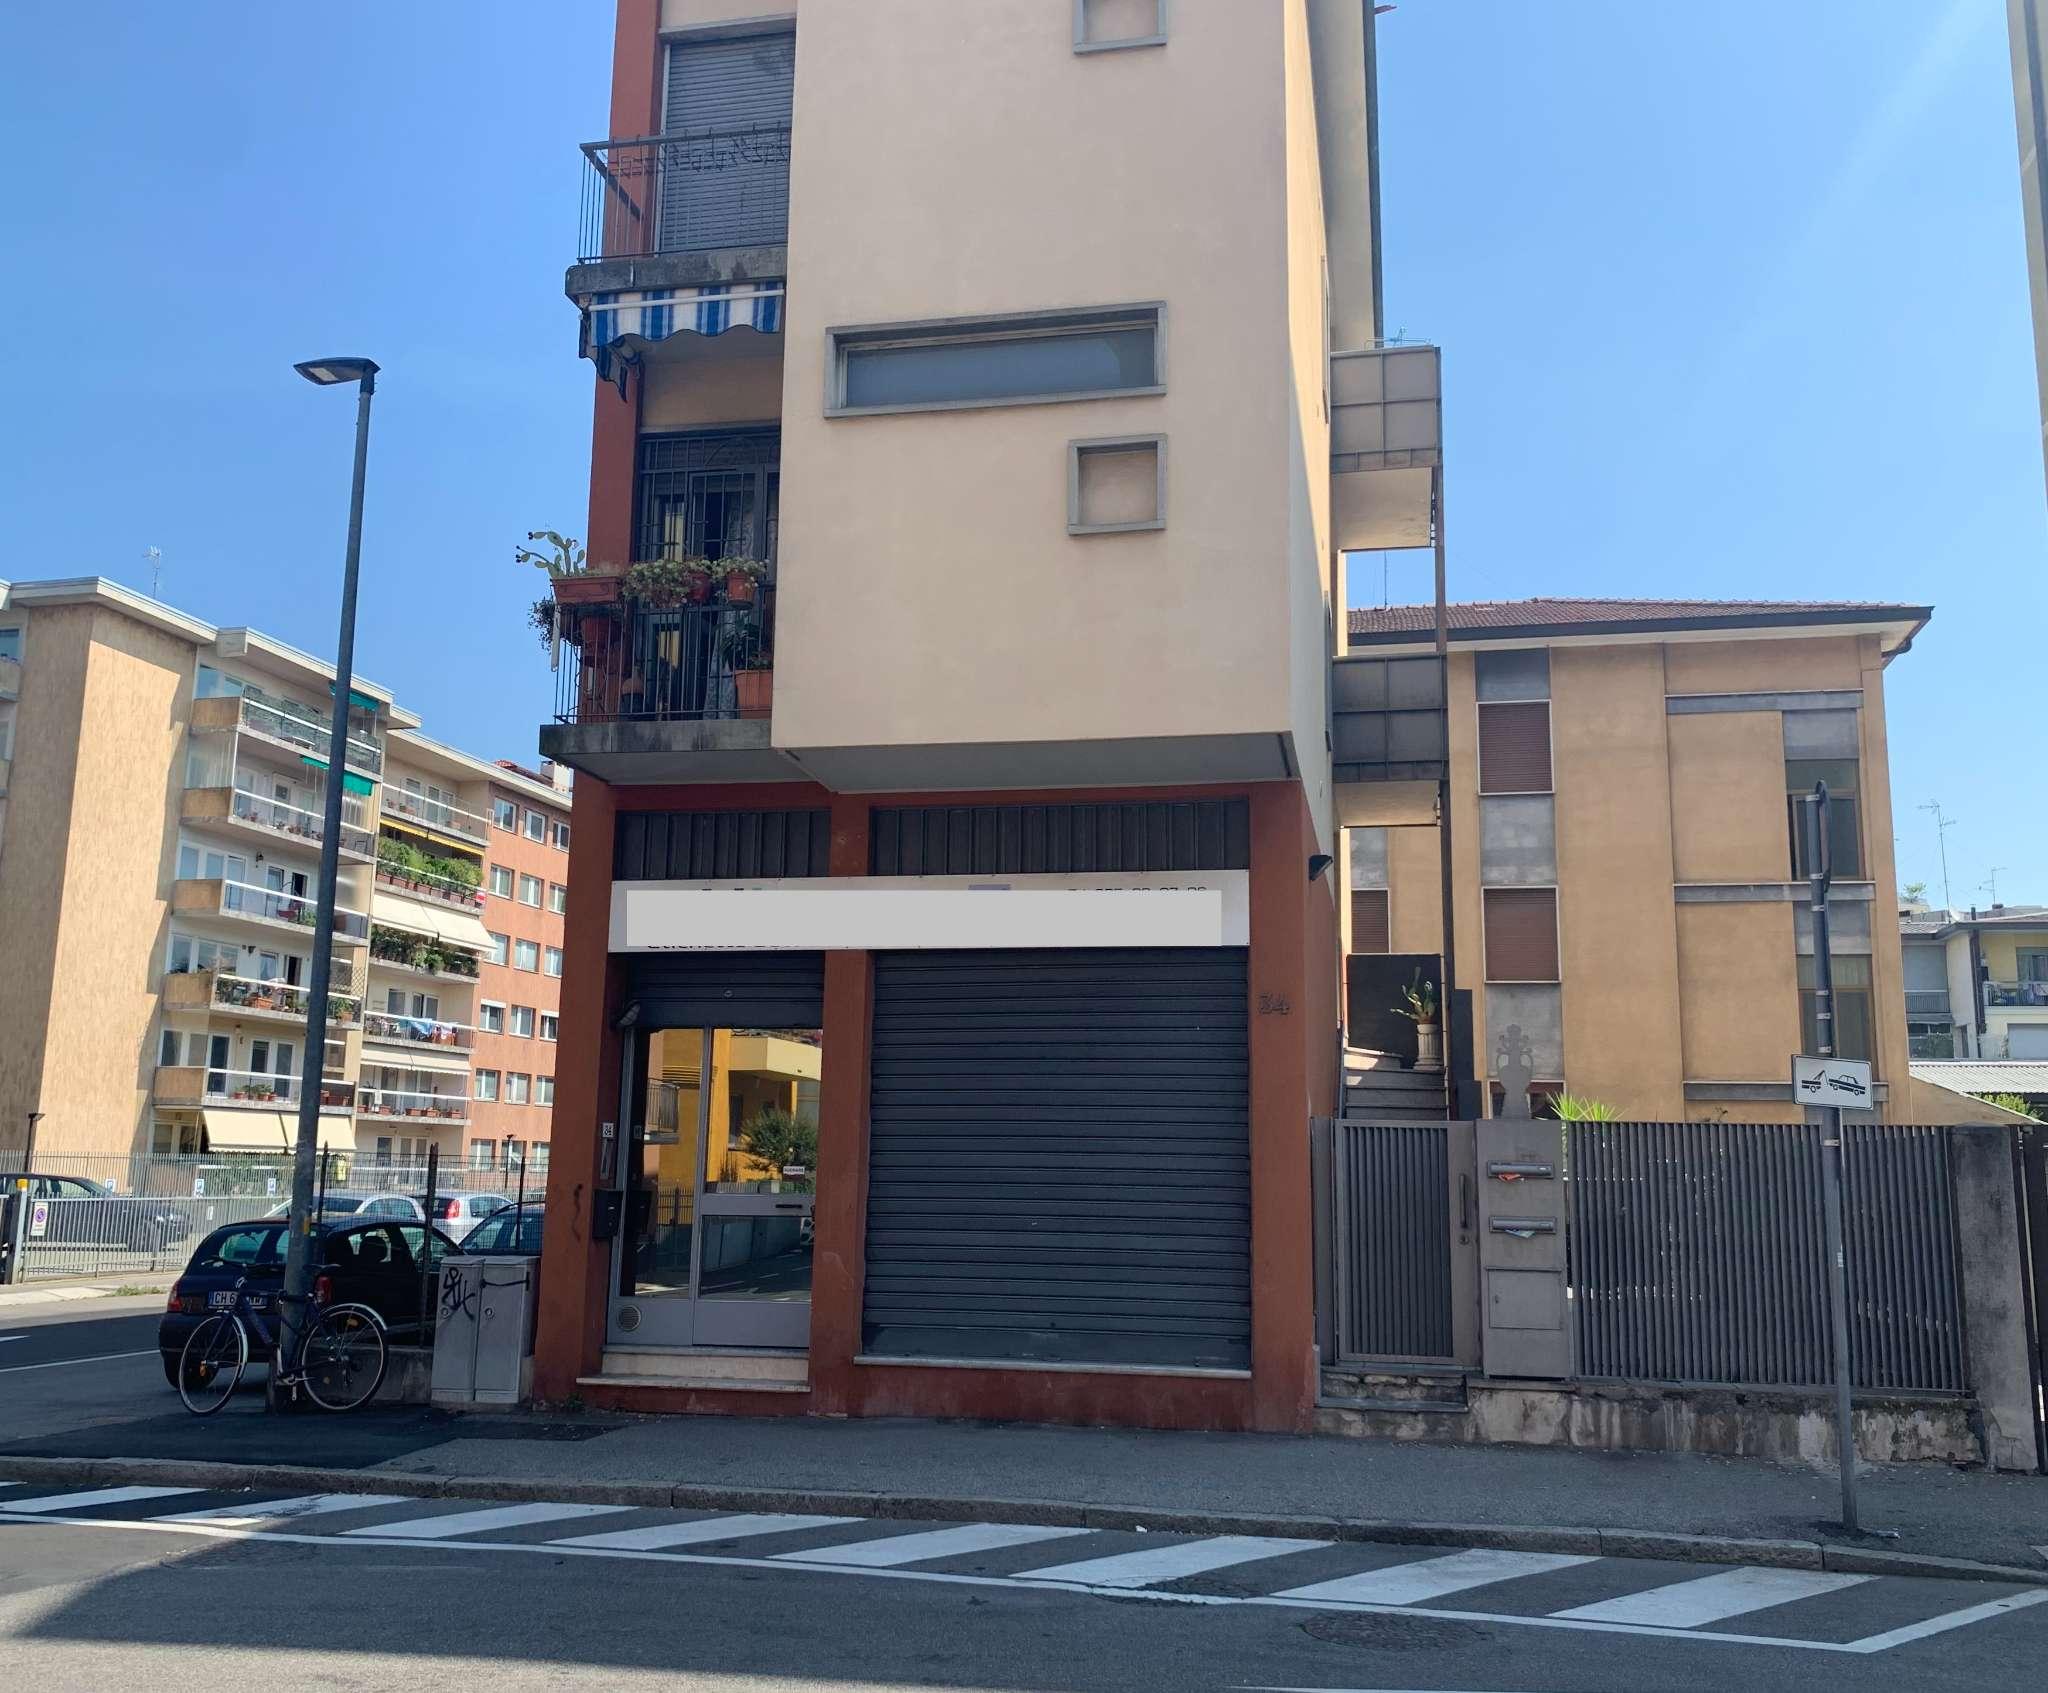 Ufficio / Studio in vendita a Bergamo, 4 locali, prezzo € 199.000 | CambioCasa.it